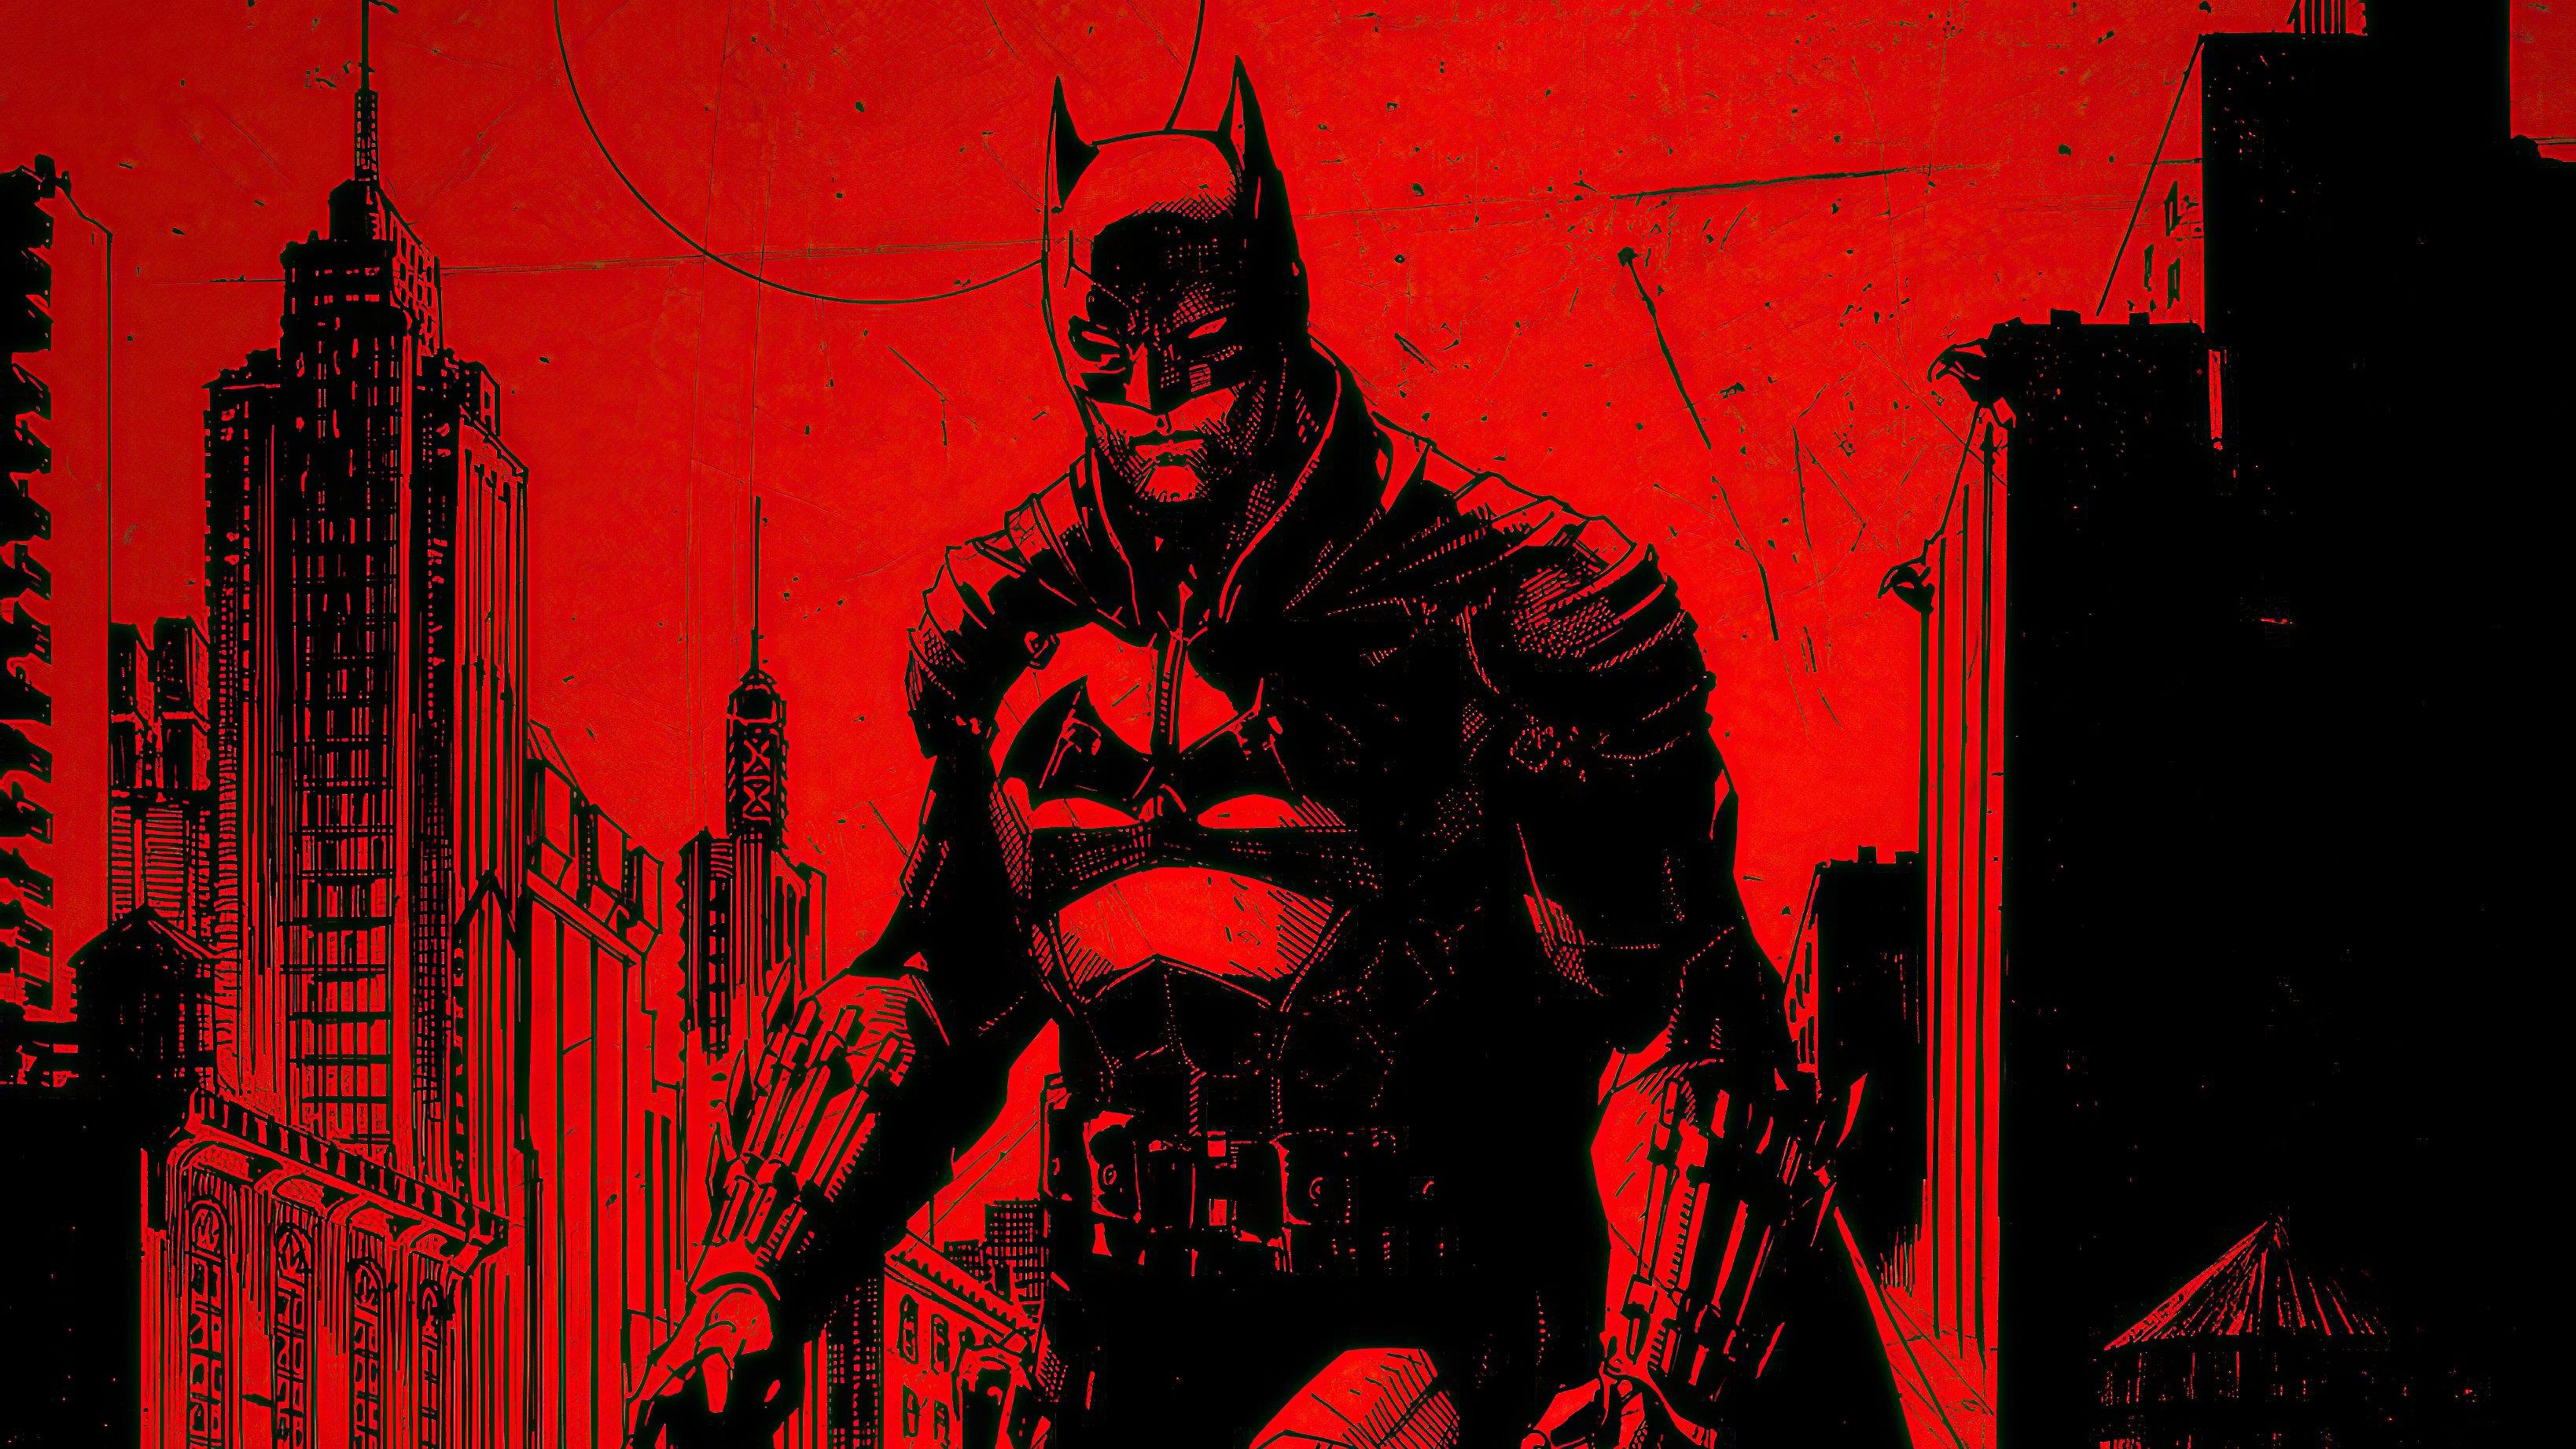 Fondos de pantalla Película The Batman 2021